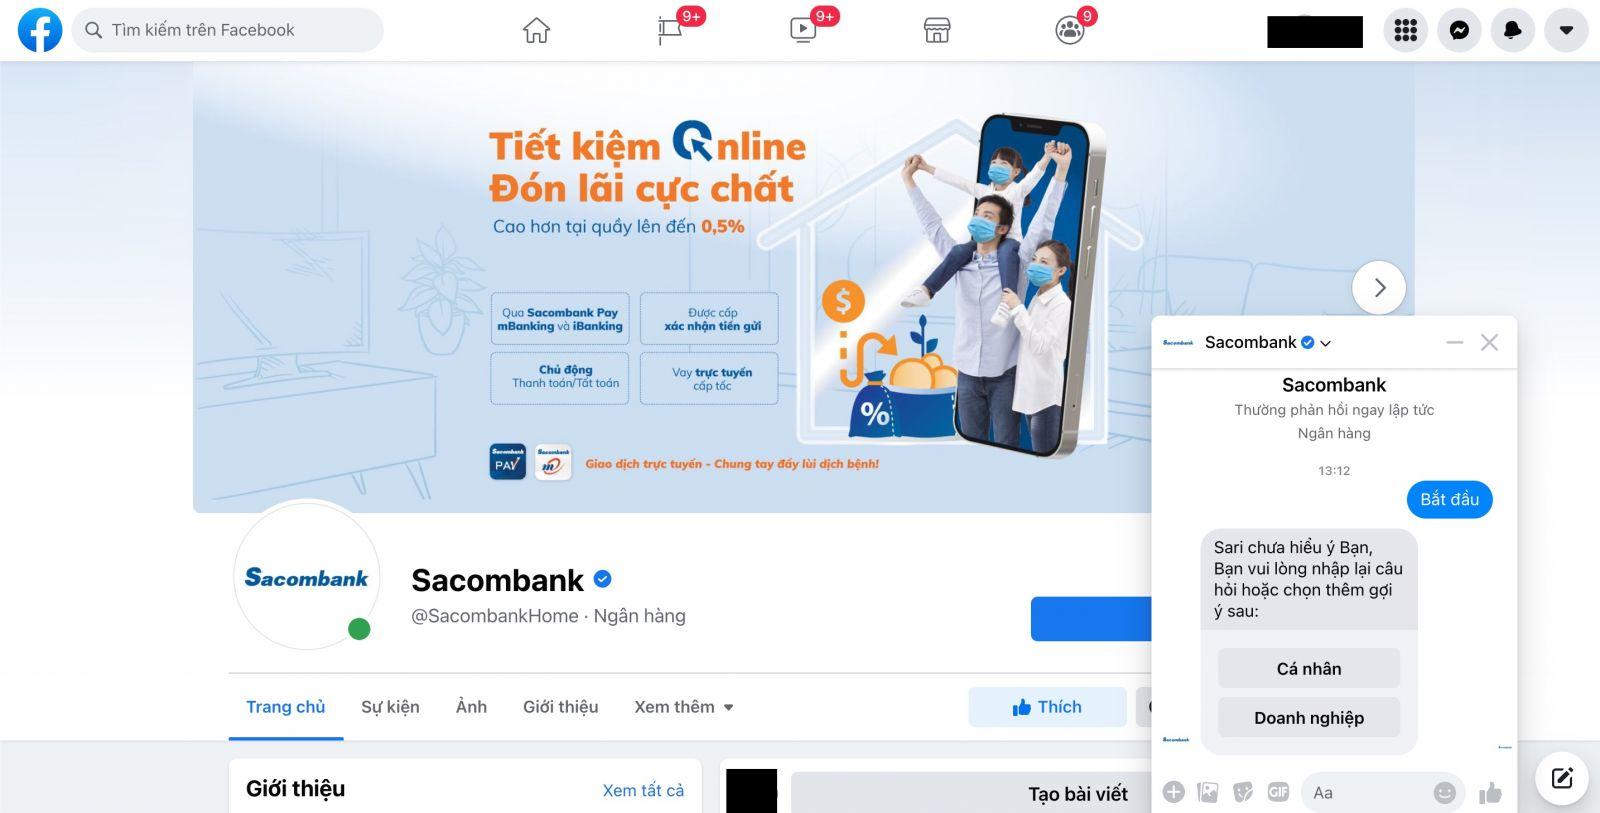 Facebook Sacombank